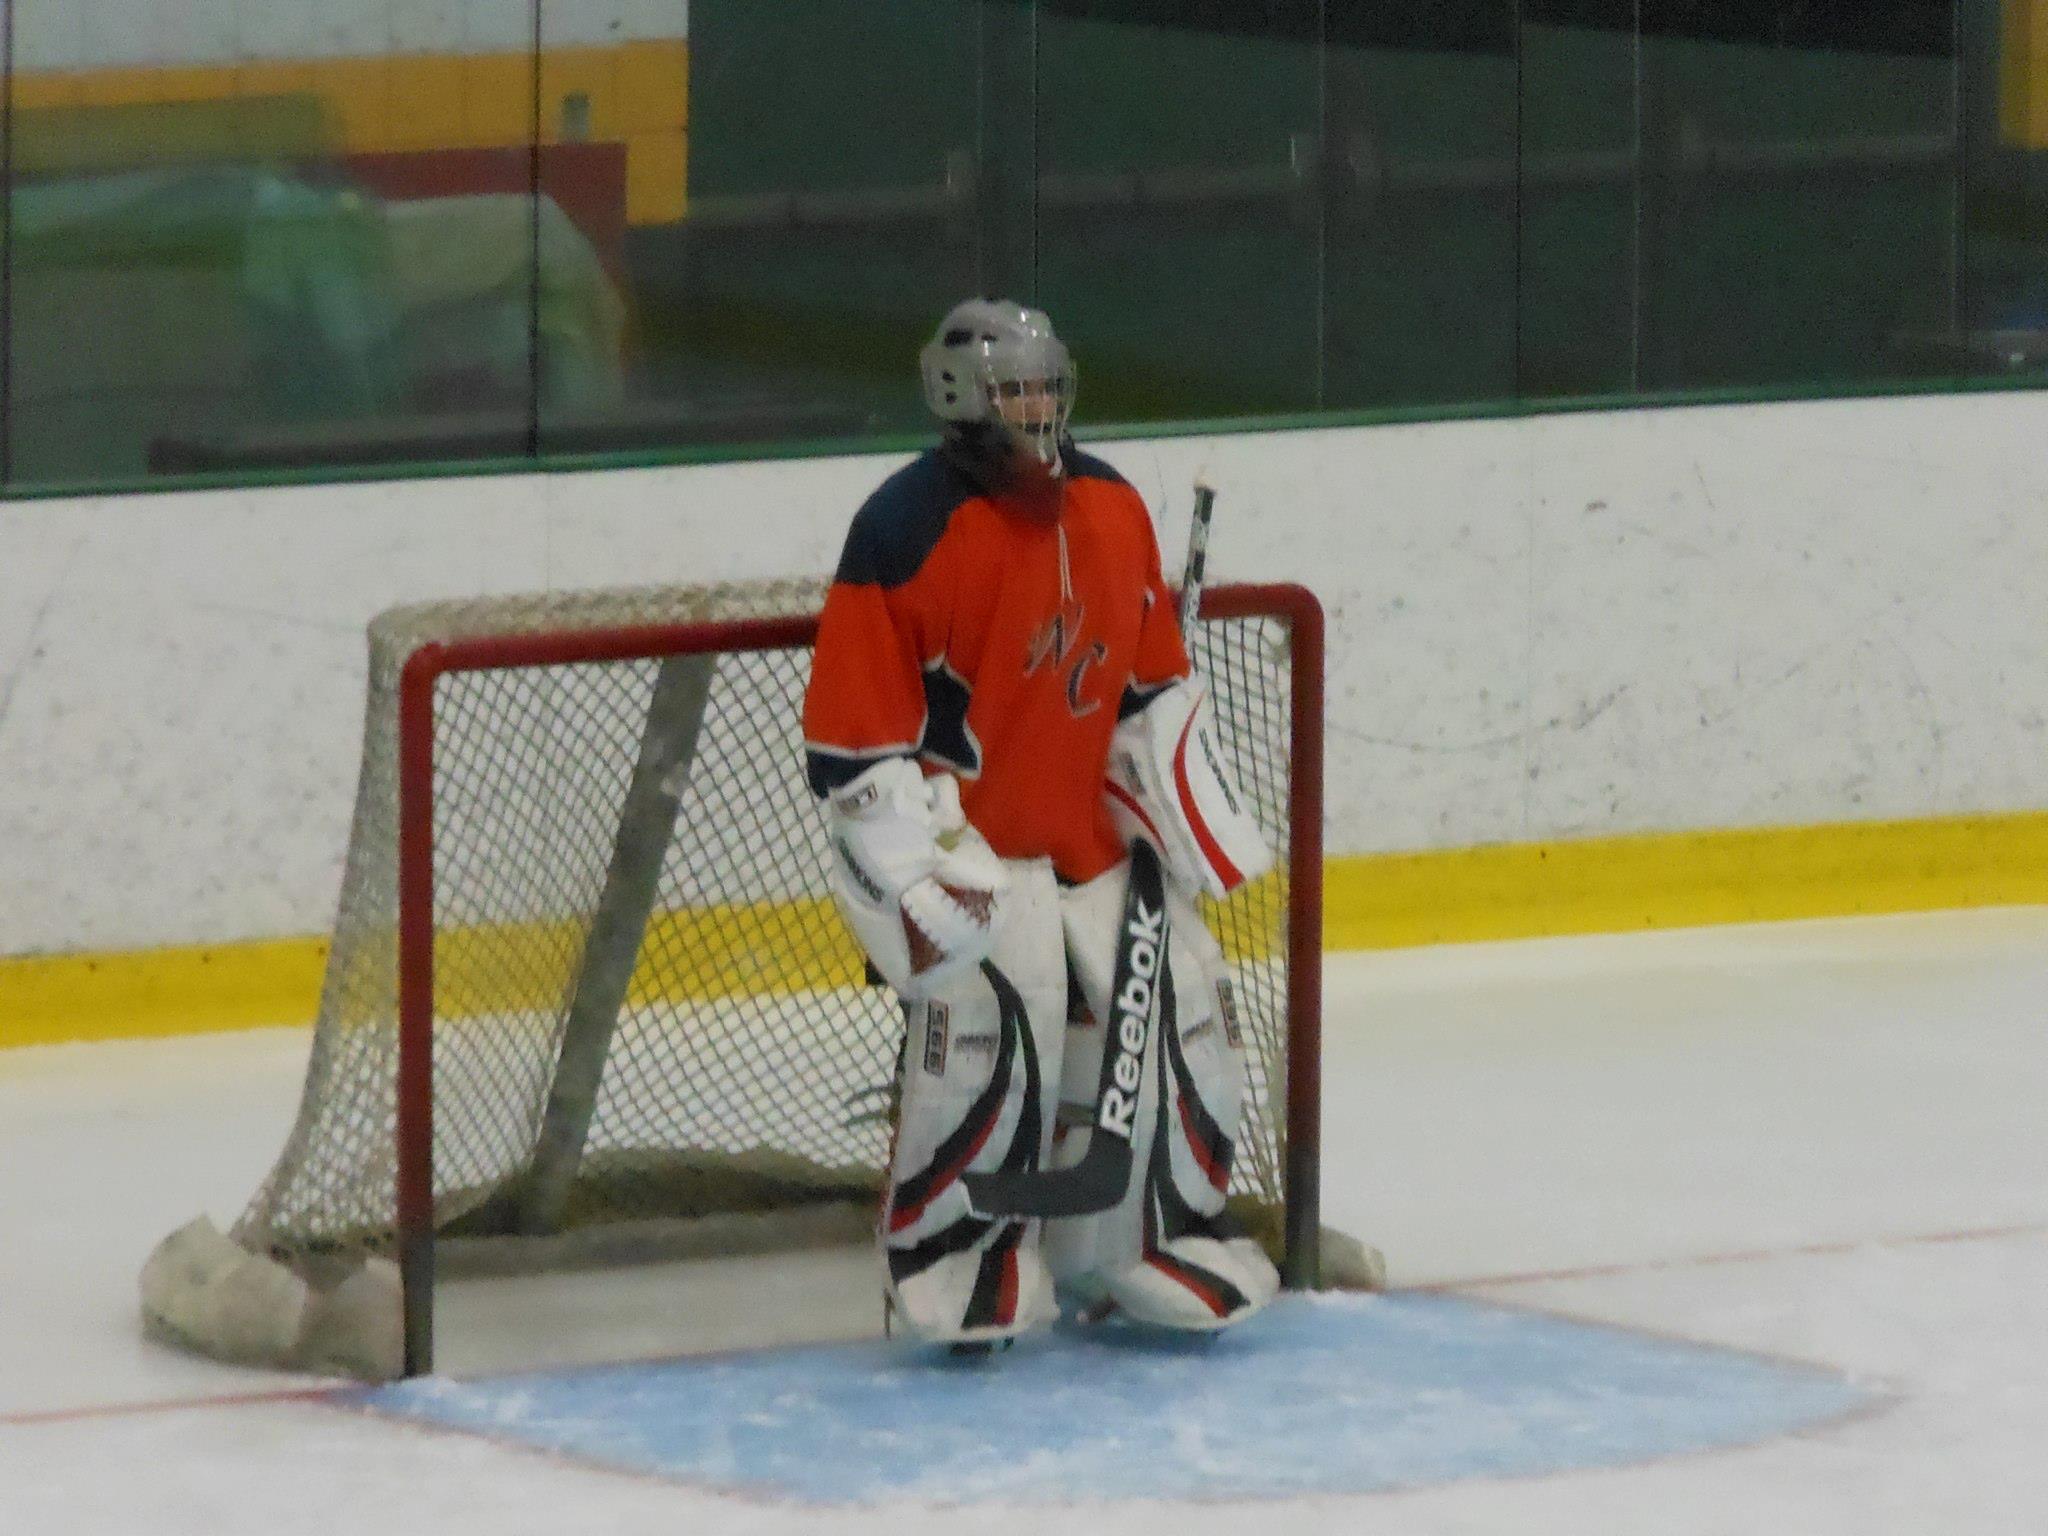 Evan_Is_A_Goalie